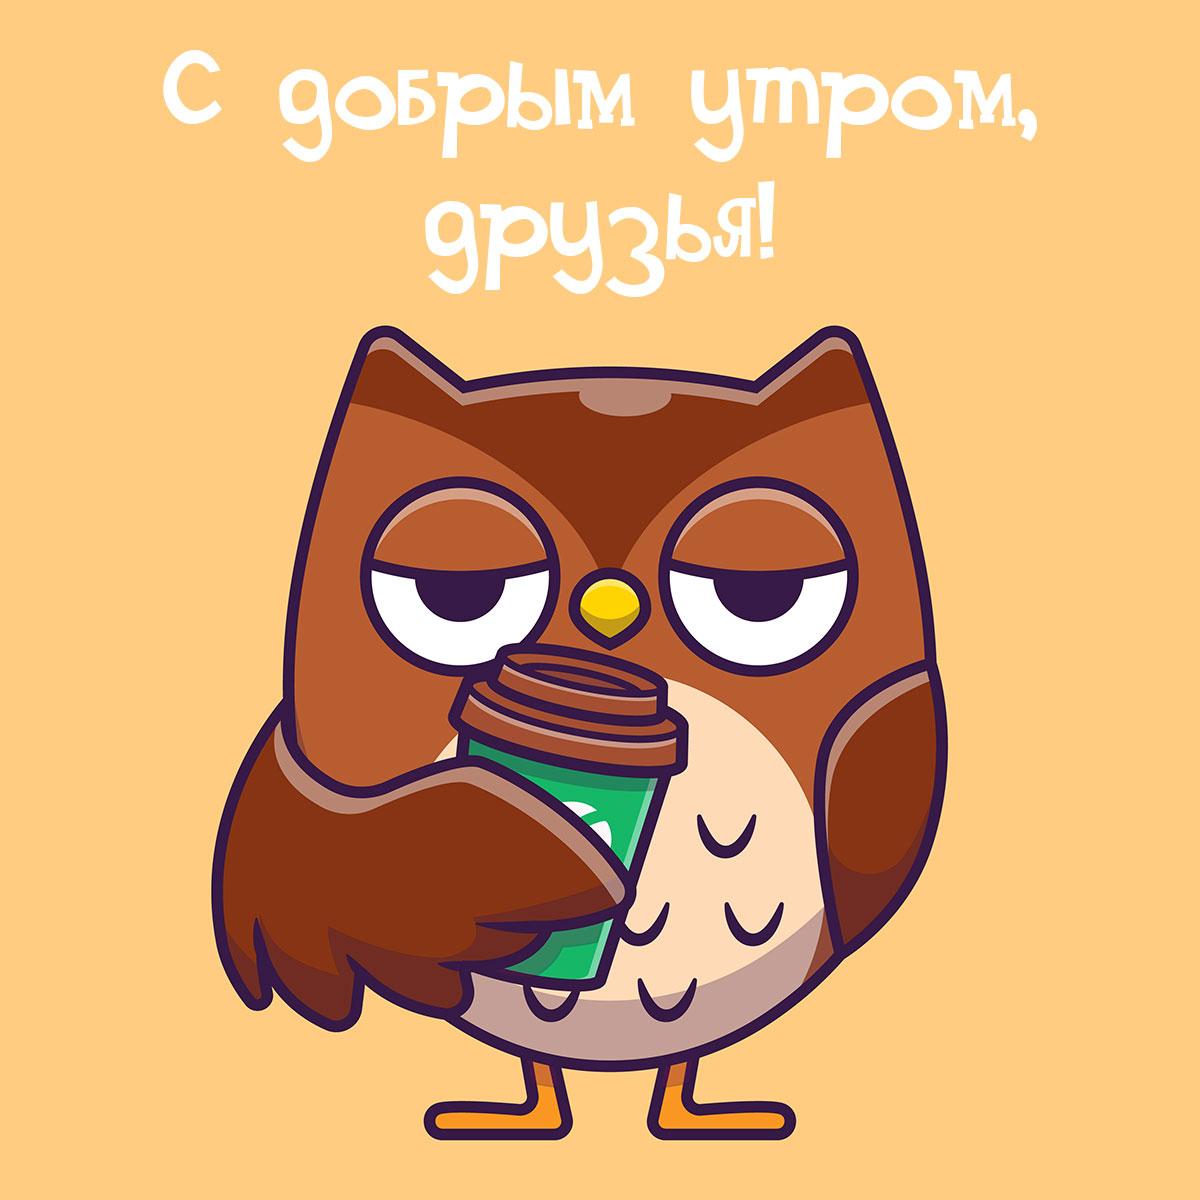 Картинка с текстом с добрым утром друзья с коричневой совой со стаканом кофе на оранжевом фоне.